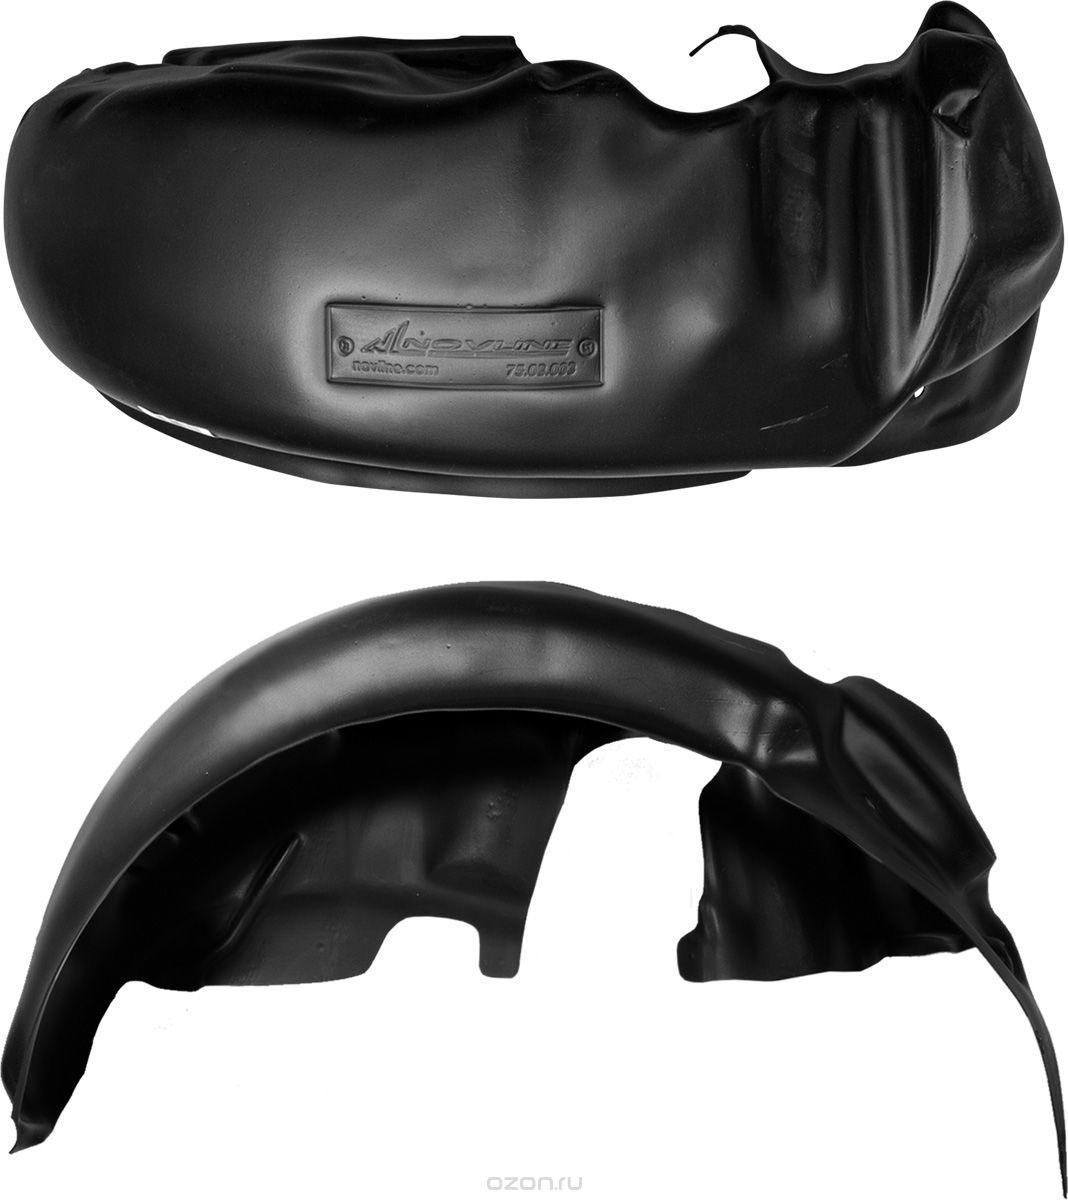 Подкрылок Novline-Autofamily, для Lada Kalina 2, 2013 ->, передний левыйNLL.52.27.001Идеальная защита колесной ниши. Локеры разработаны с применением цифровых технологий, гарантируют максимальную повторяемость поверхности арки. Изделия устанавливаются без нарушения лакокрасочного покрытия автомобиля, каждый подкрылок комплектуется крепежом. Уважаемые клиенты, обращаем ваше внимание, что фотографии на подкрылки универсальные и не отражают реальную форму изделия. При этом само изделие идет точно под размер указанного автомобиля.